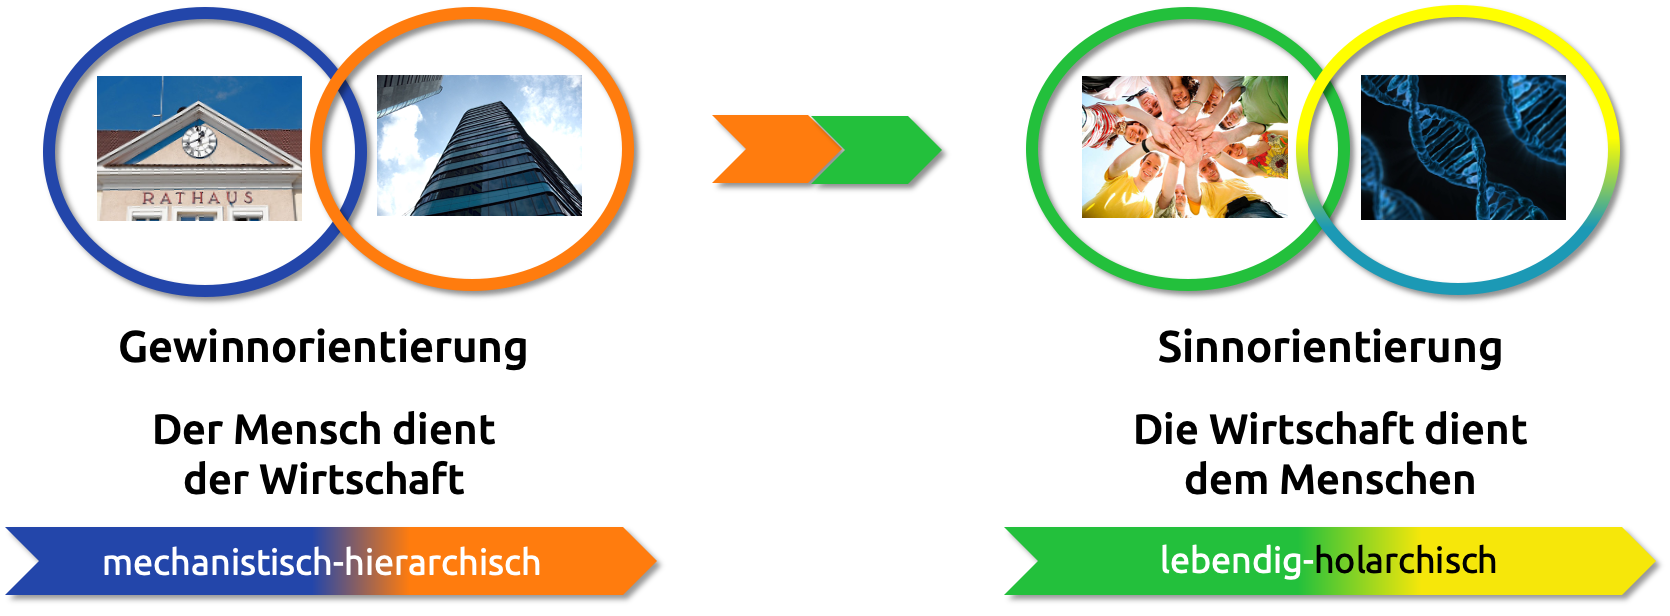 INU-Modell für Integral-Nachhaltige Unternehmensentwicklung: Sinnorientierung statt Gewinnoptimierung